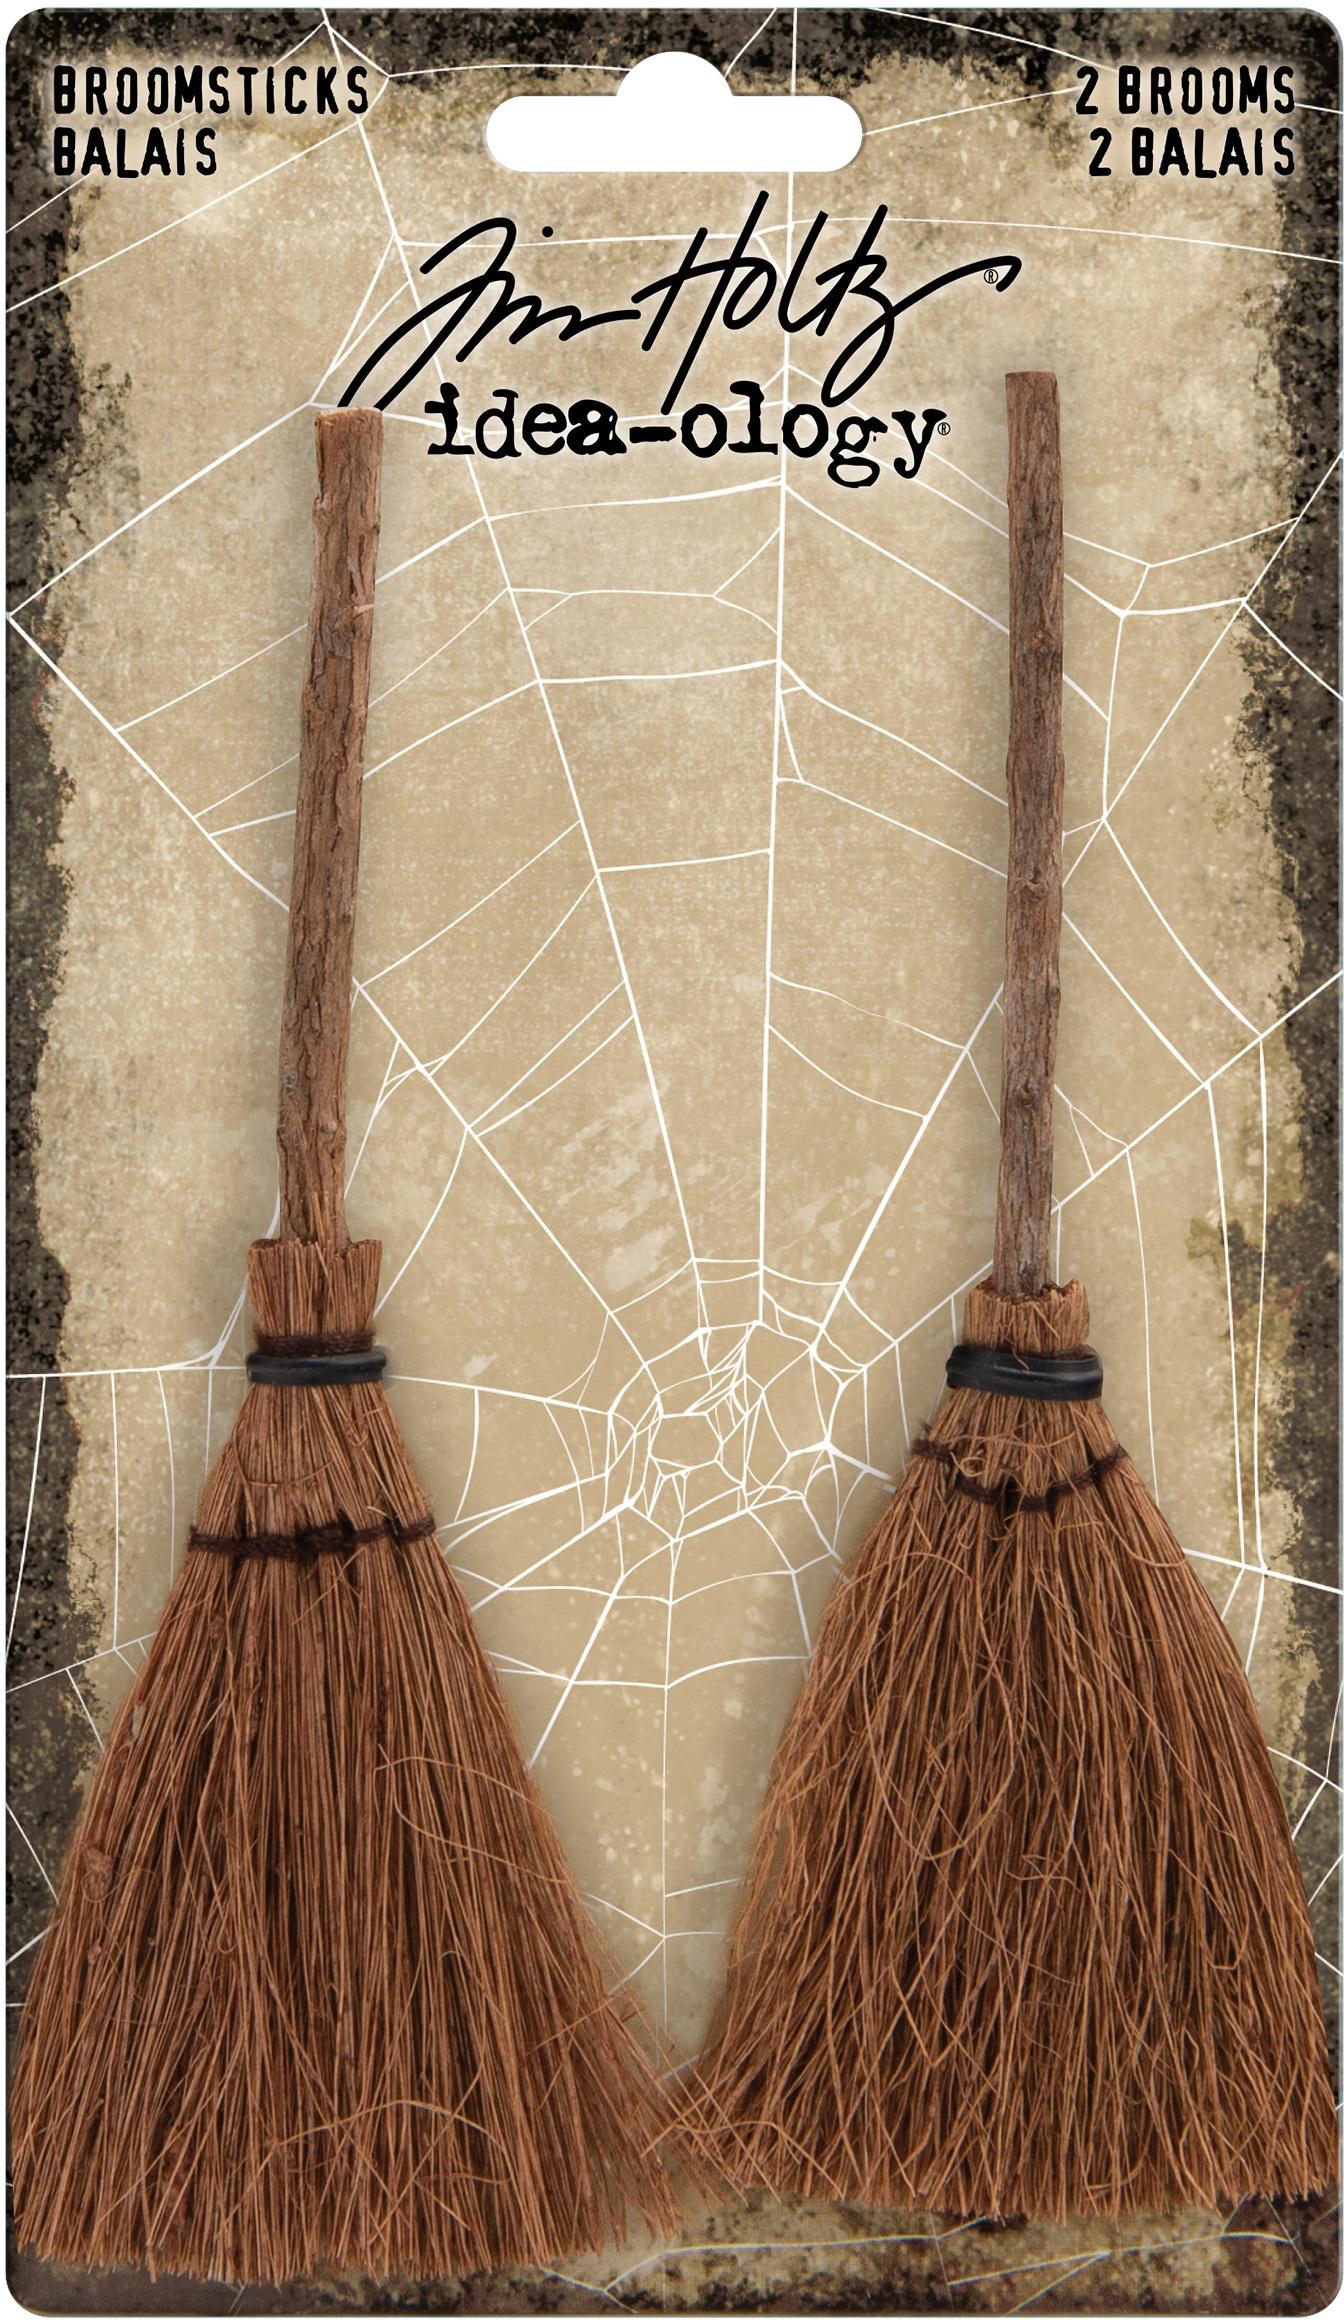 Idea-ology Broomsticks